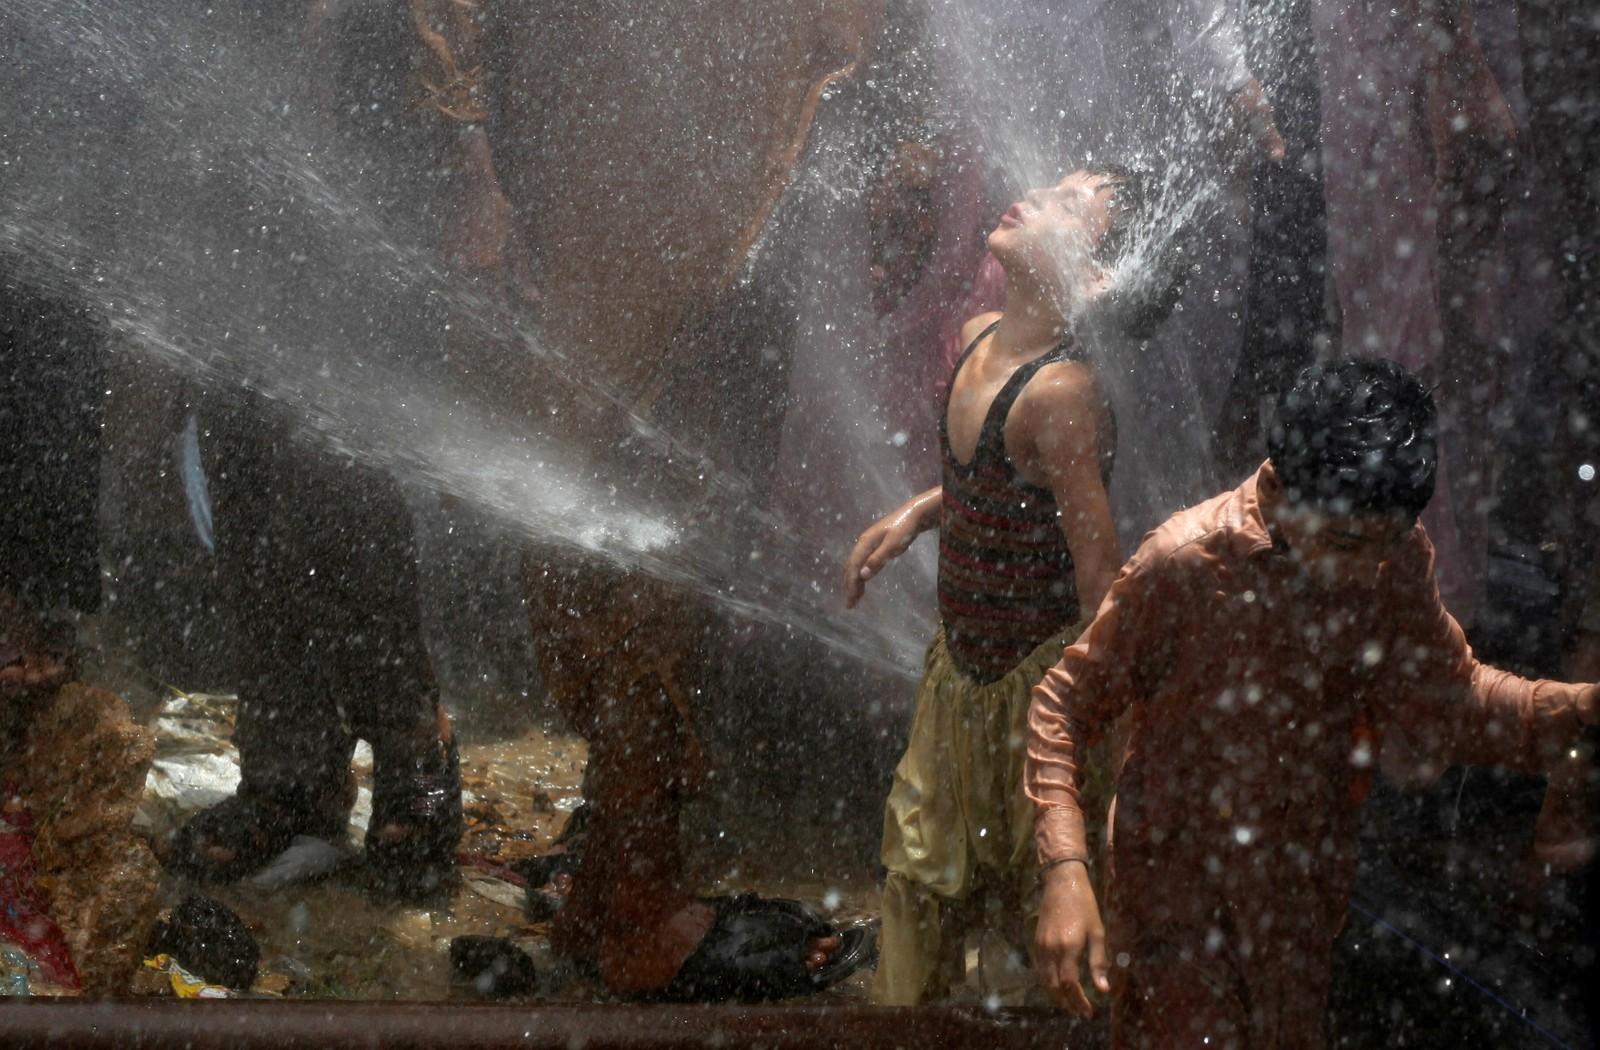 En gutt kjøler seg ned i varmen i Karachi. Demonstranter slo hull på vannledninger i protest mot strømbrudd i den pakistanske storbyen denne uka.